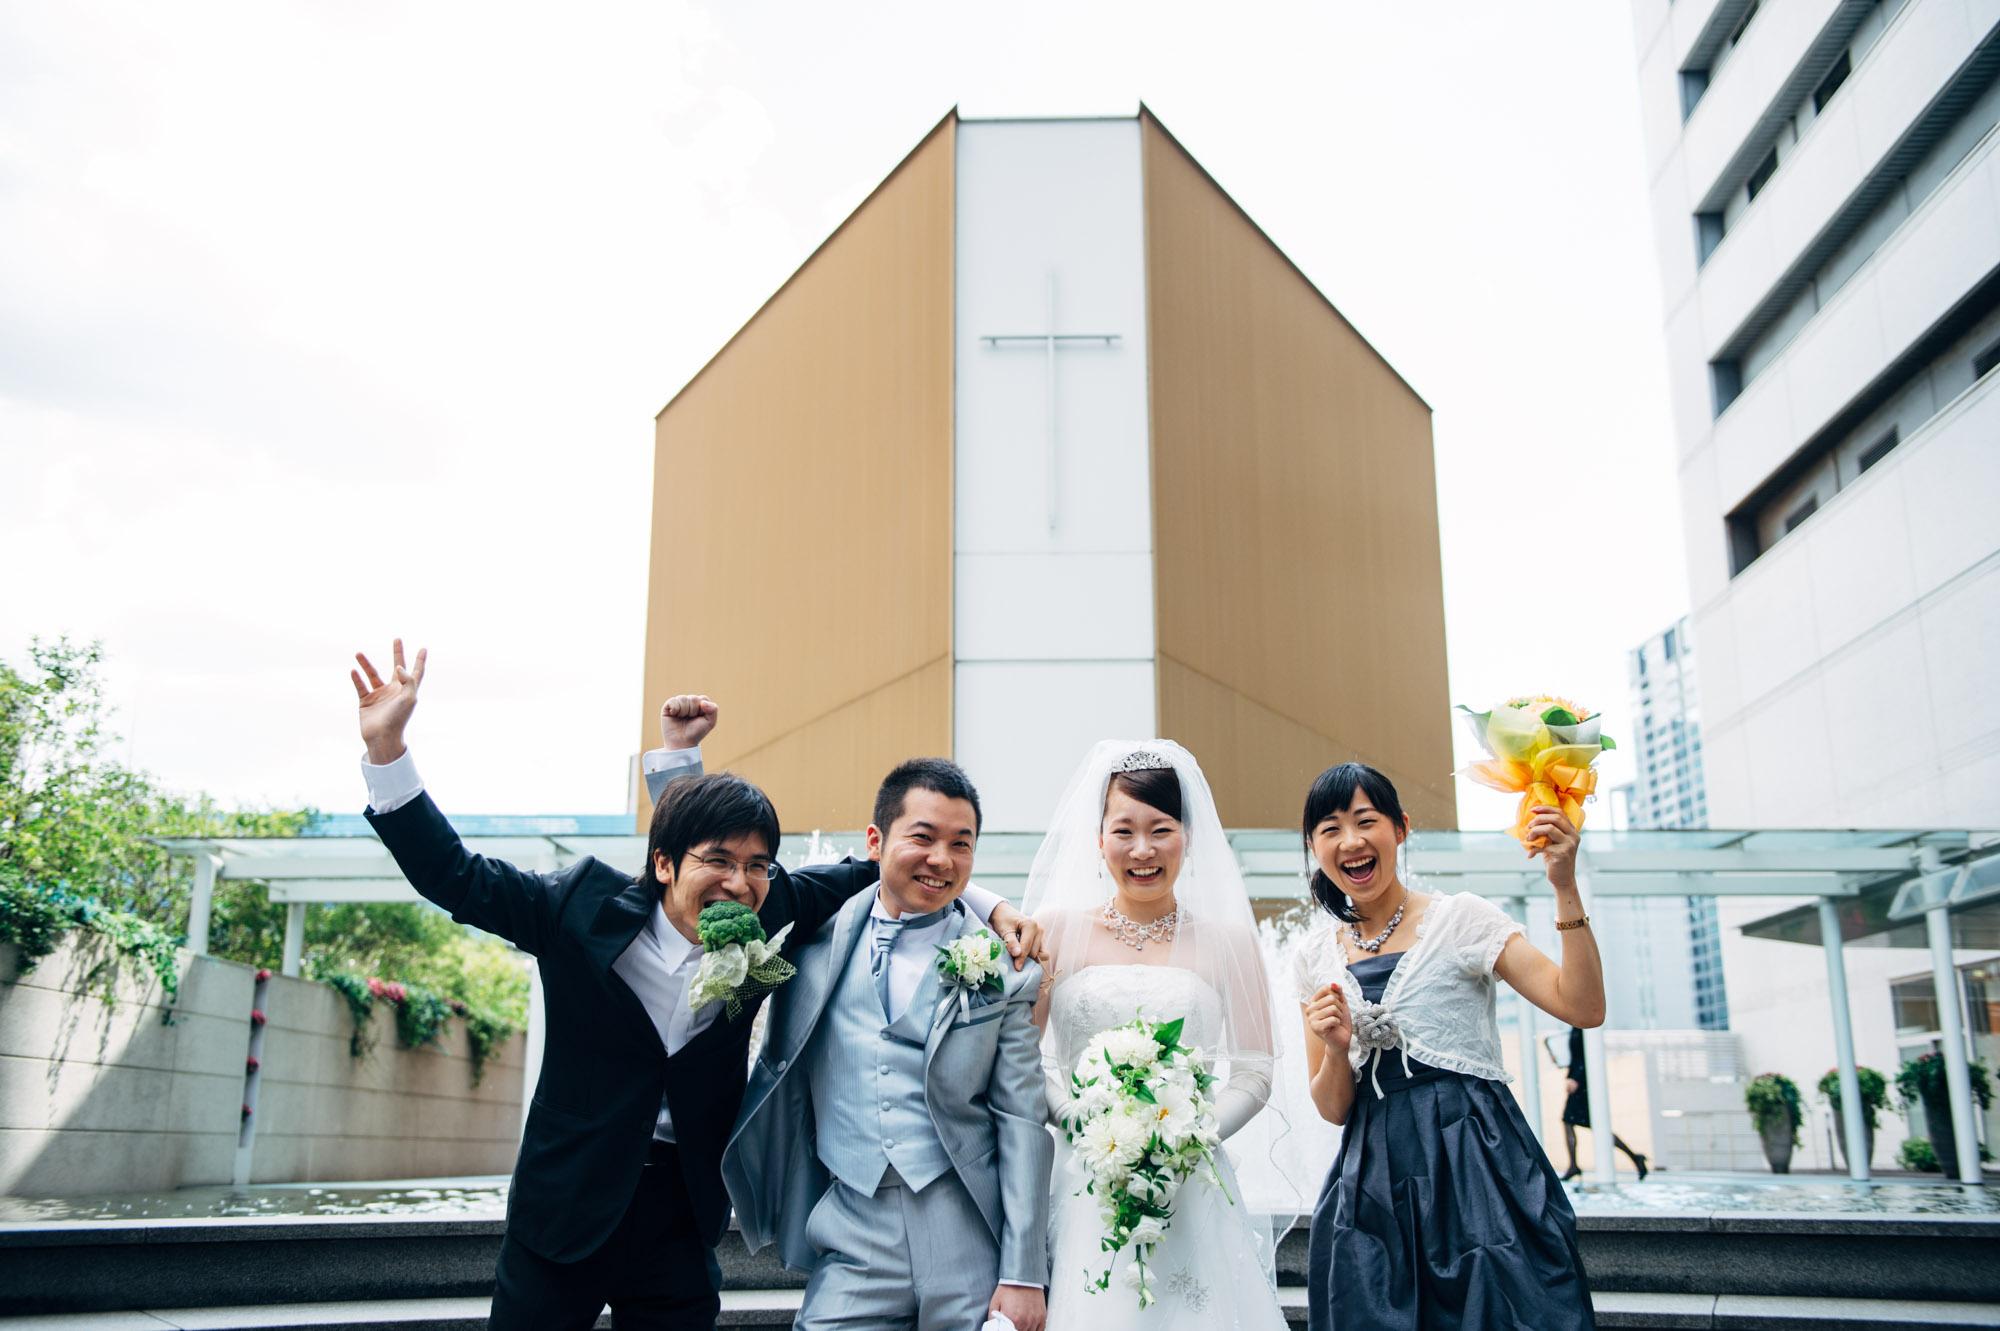 hilton wedding54